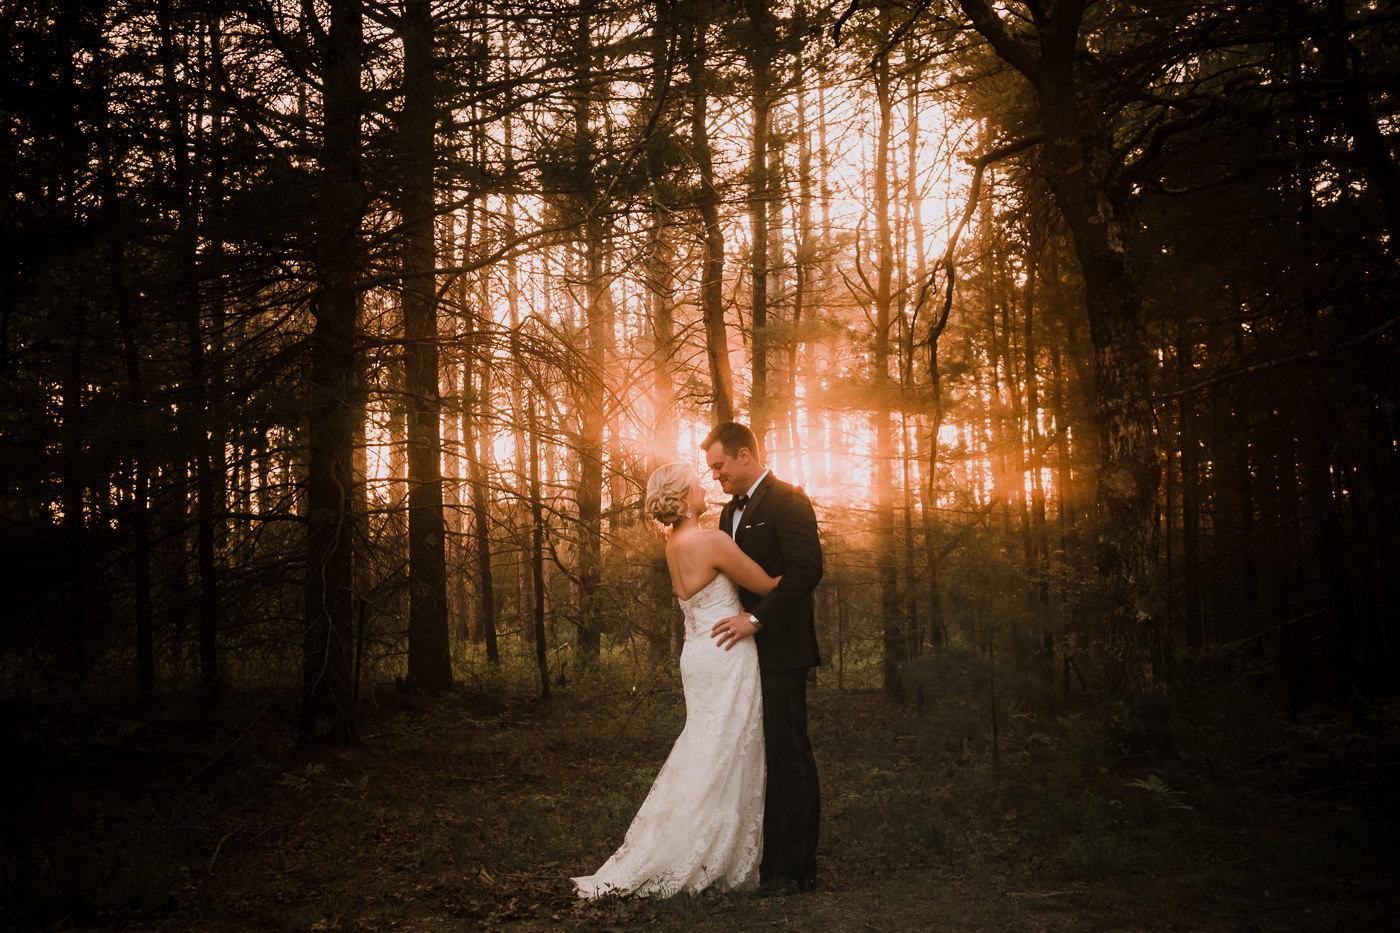 aly+jonny.web.newengland.wedding.©2017mileswittboyer-70.jpg